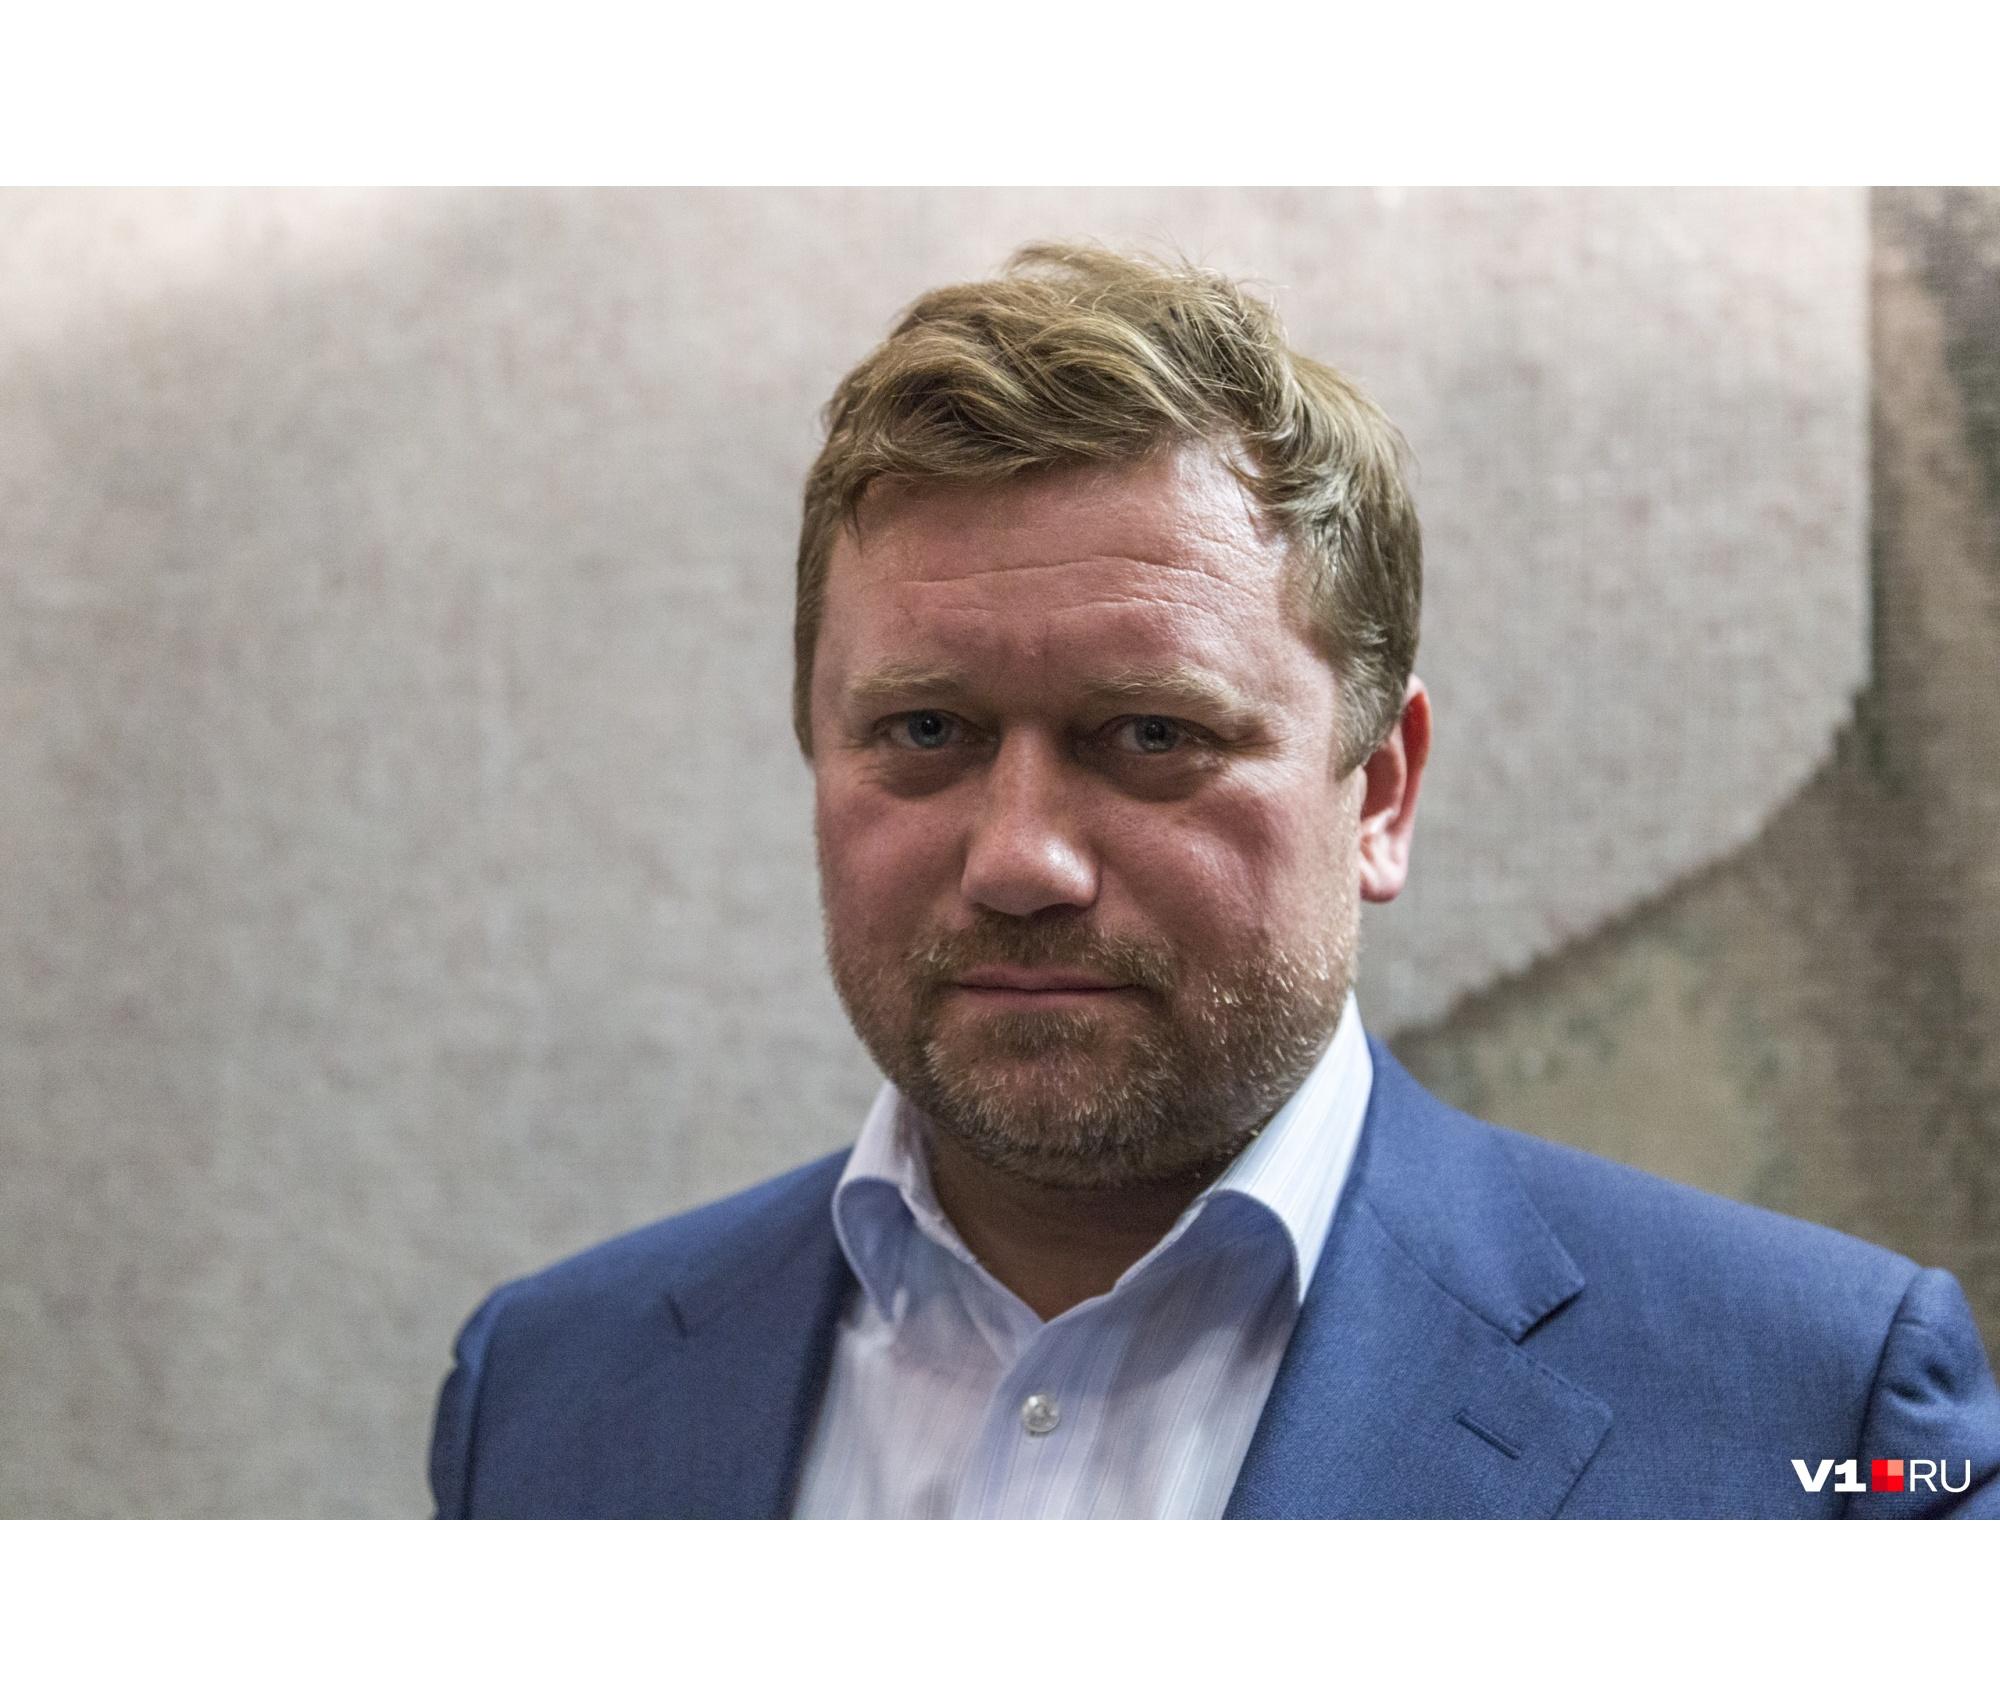 Бывший мэр города уверен, что его заместитель успел подружиться с криминальным миром